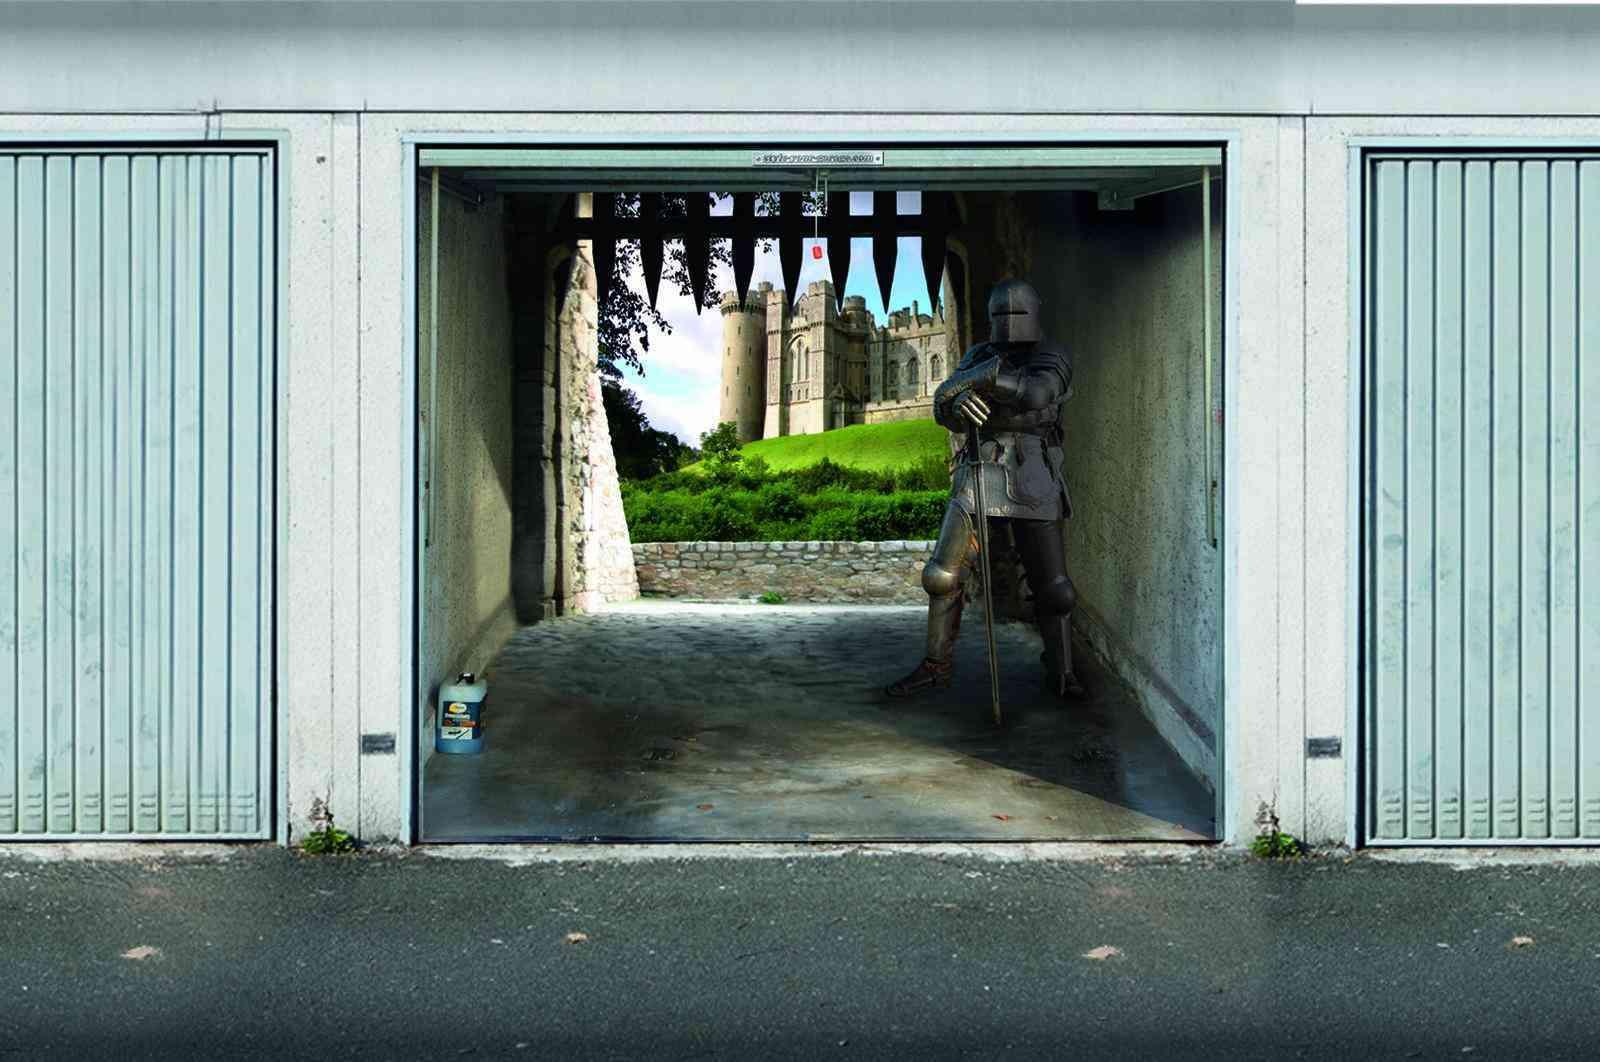 mural simulando un escenario en puerta de garaje